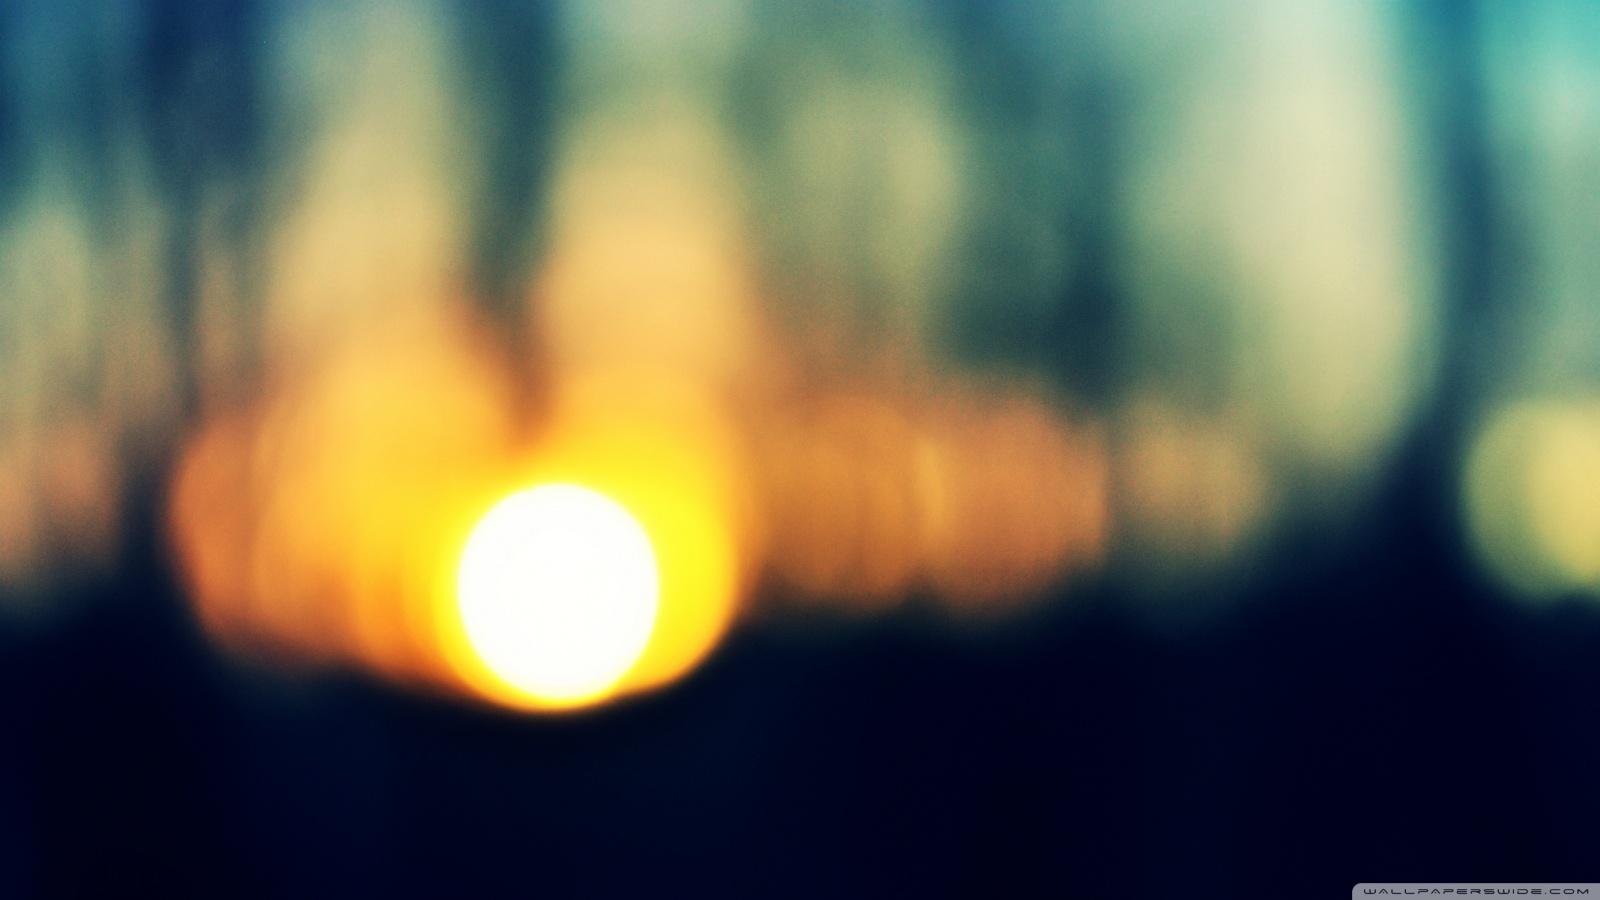 Blurred HD